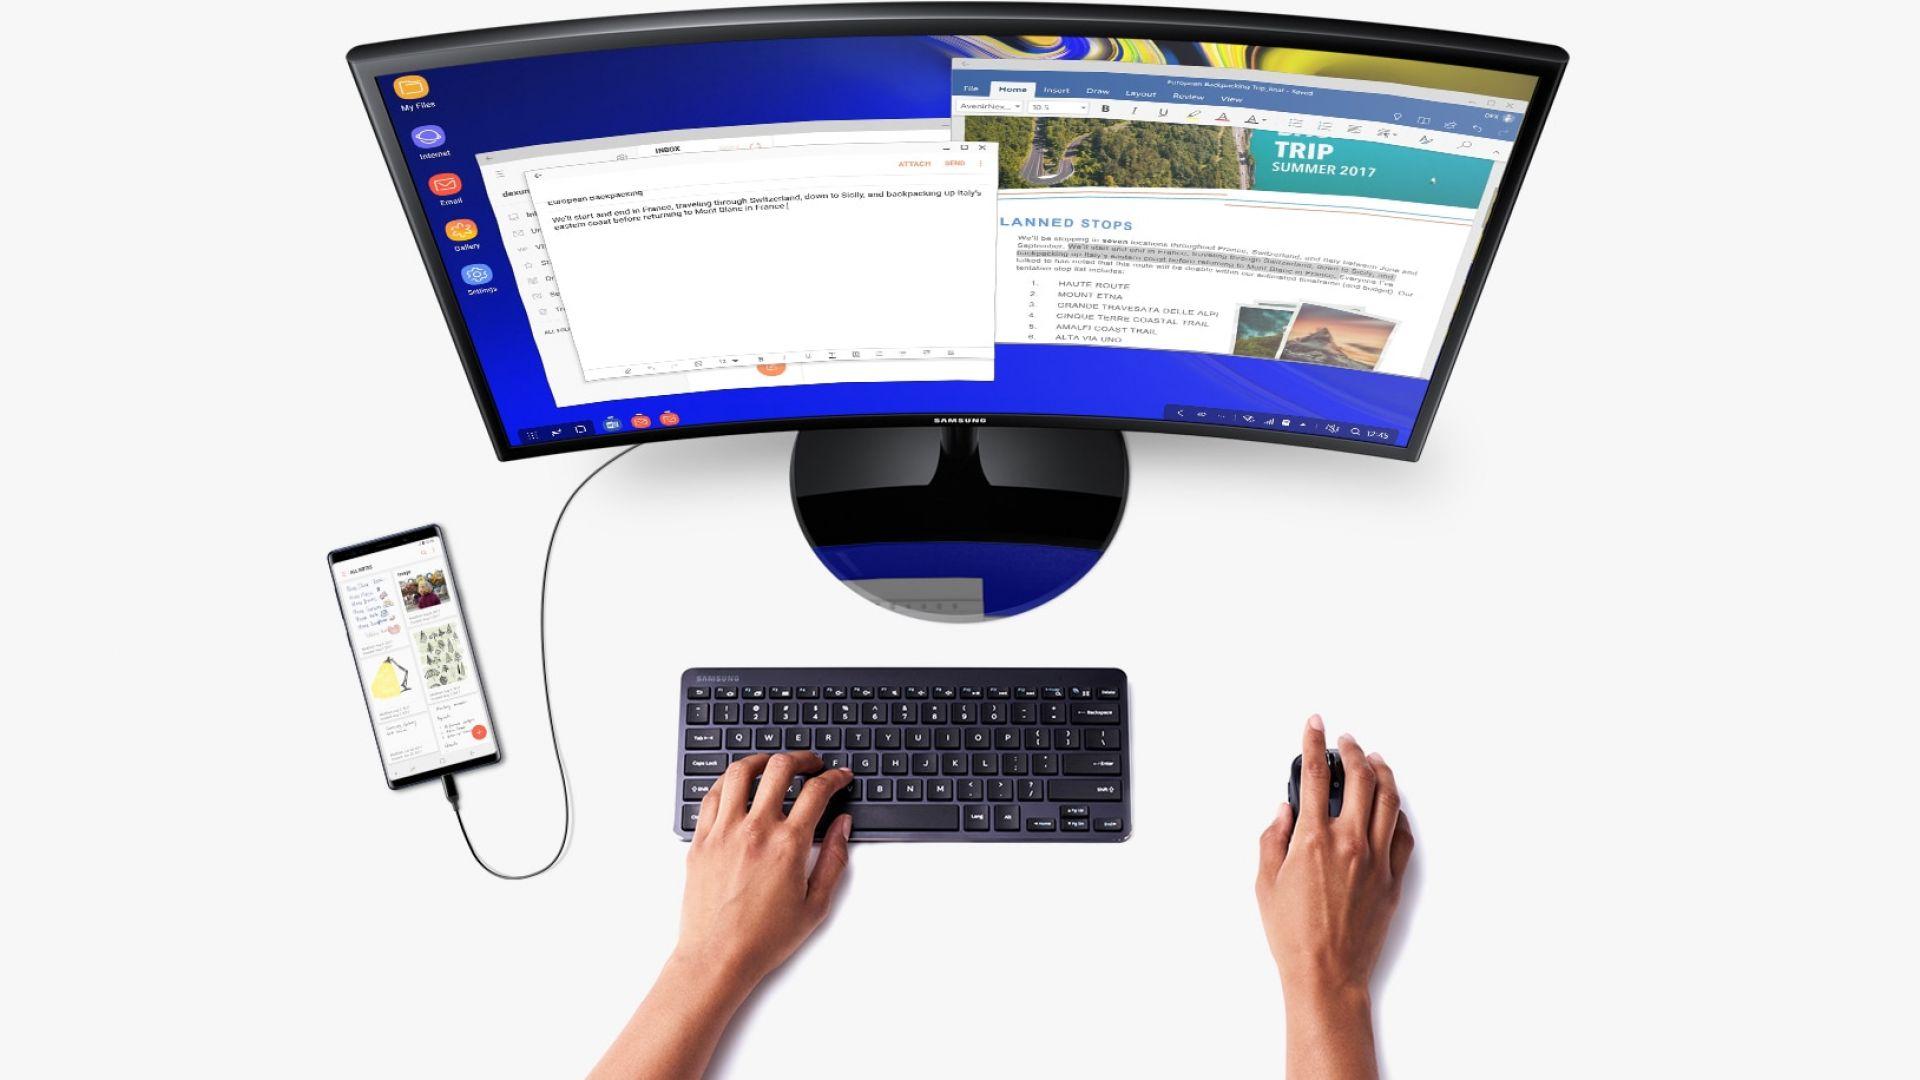 Samsung Galaxy Note9 може да се използва като компютър